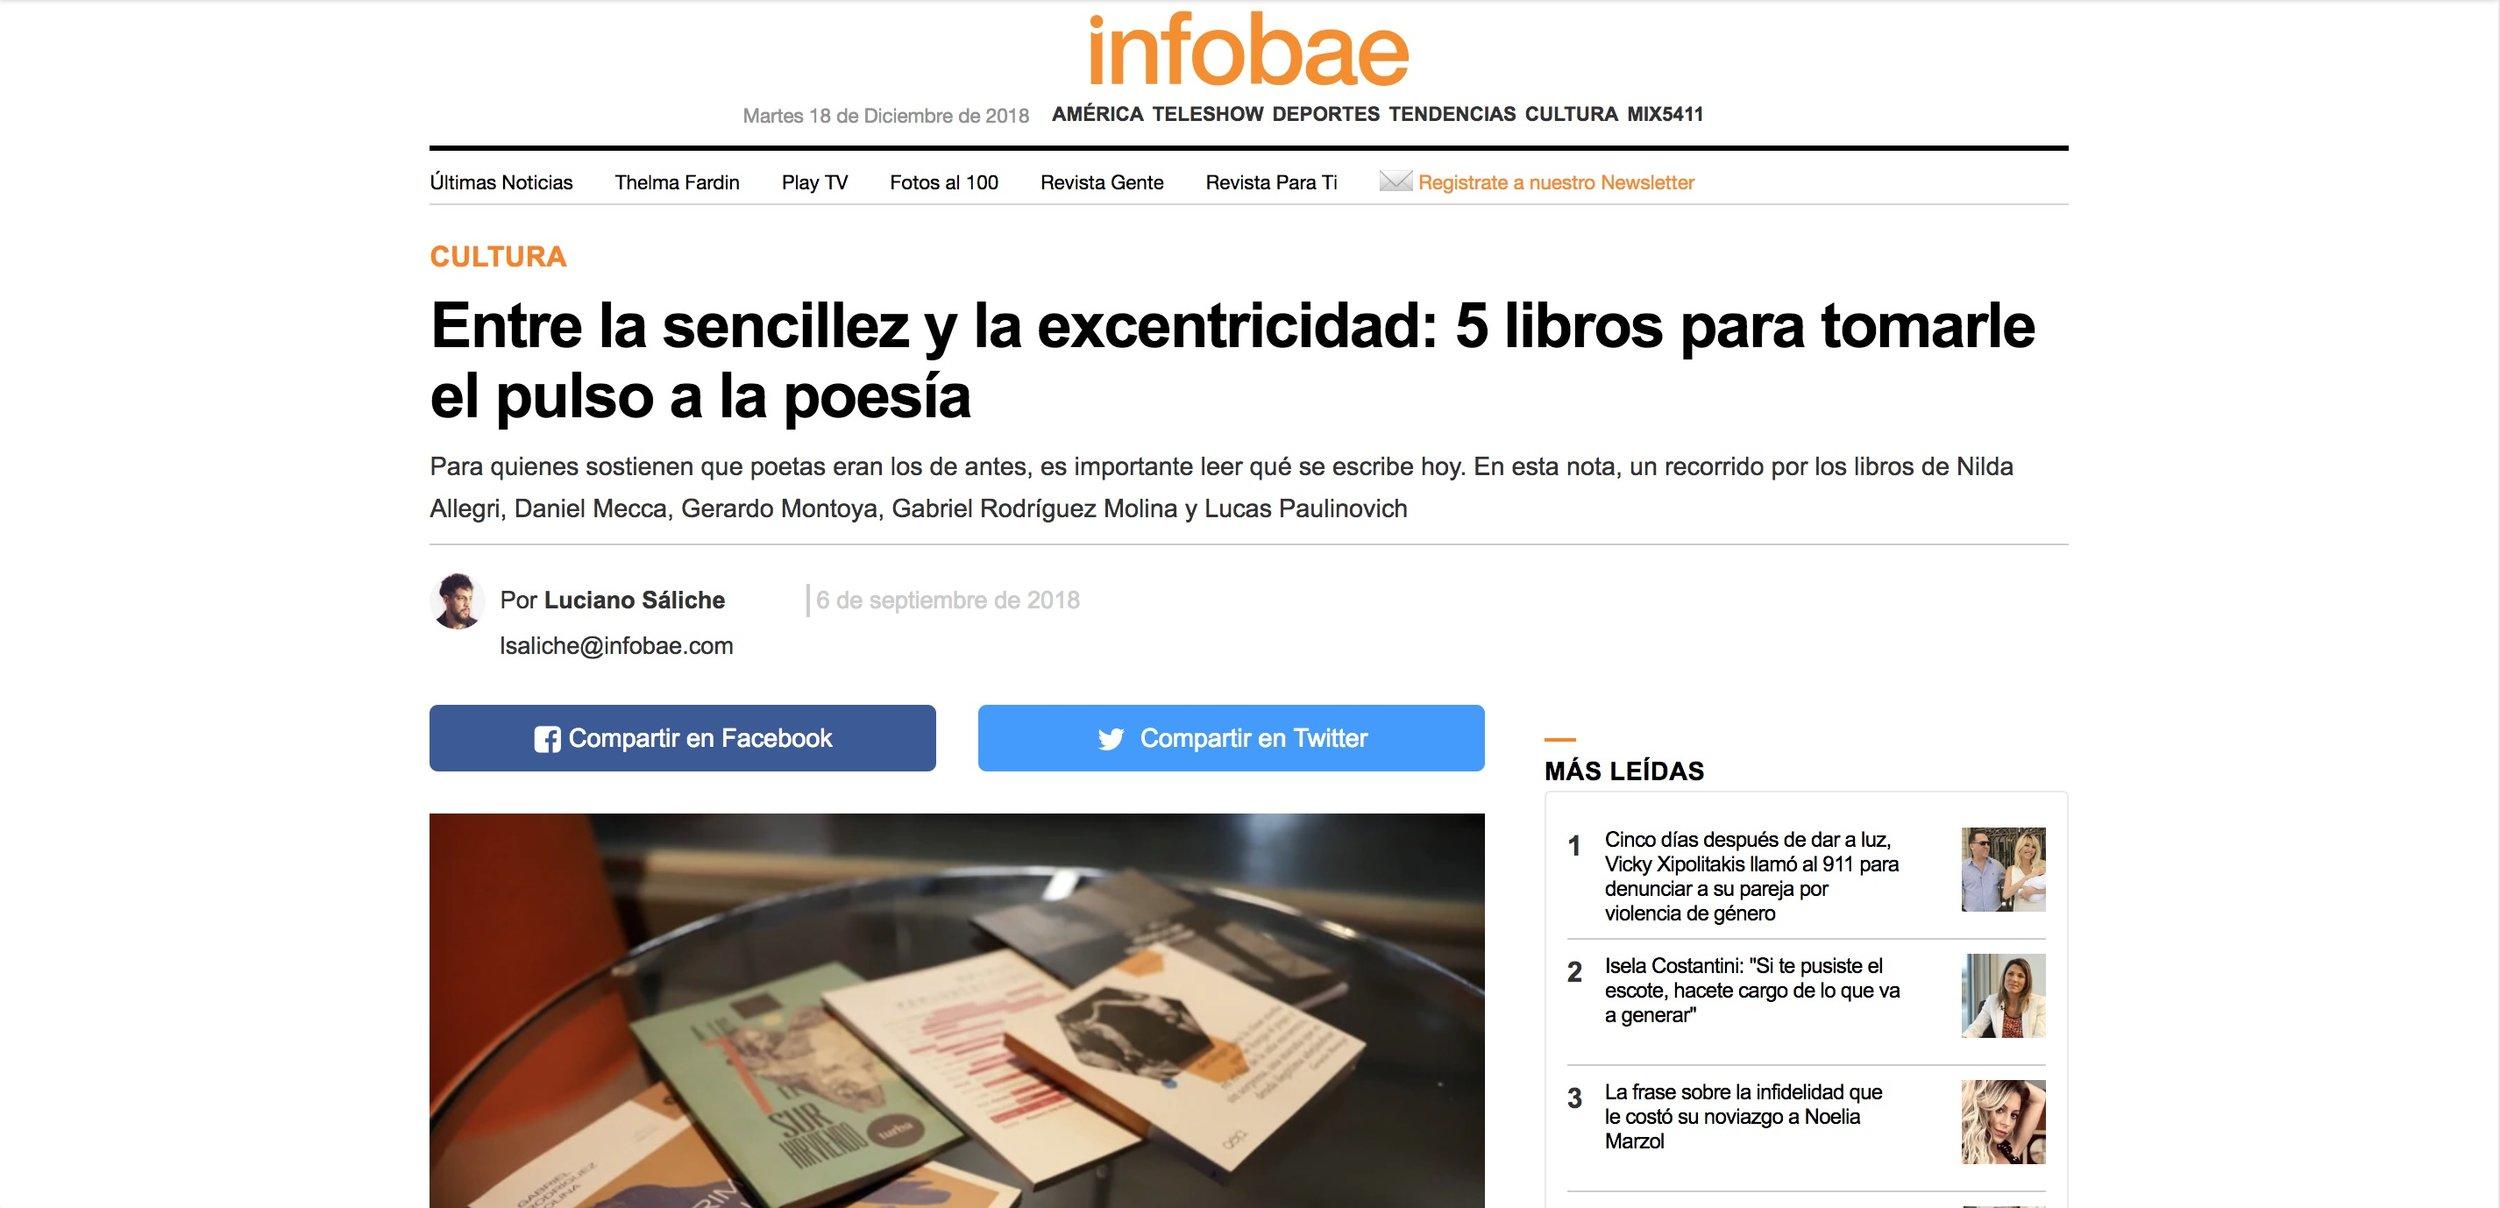 Entre_la_sencillez_y_la_excentricidad__5_libros_para_tomarle_el_pulso_a_la_poesía_-_Infobae.jpg